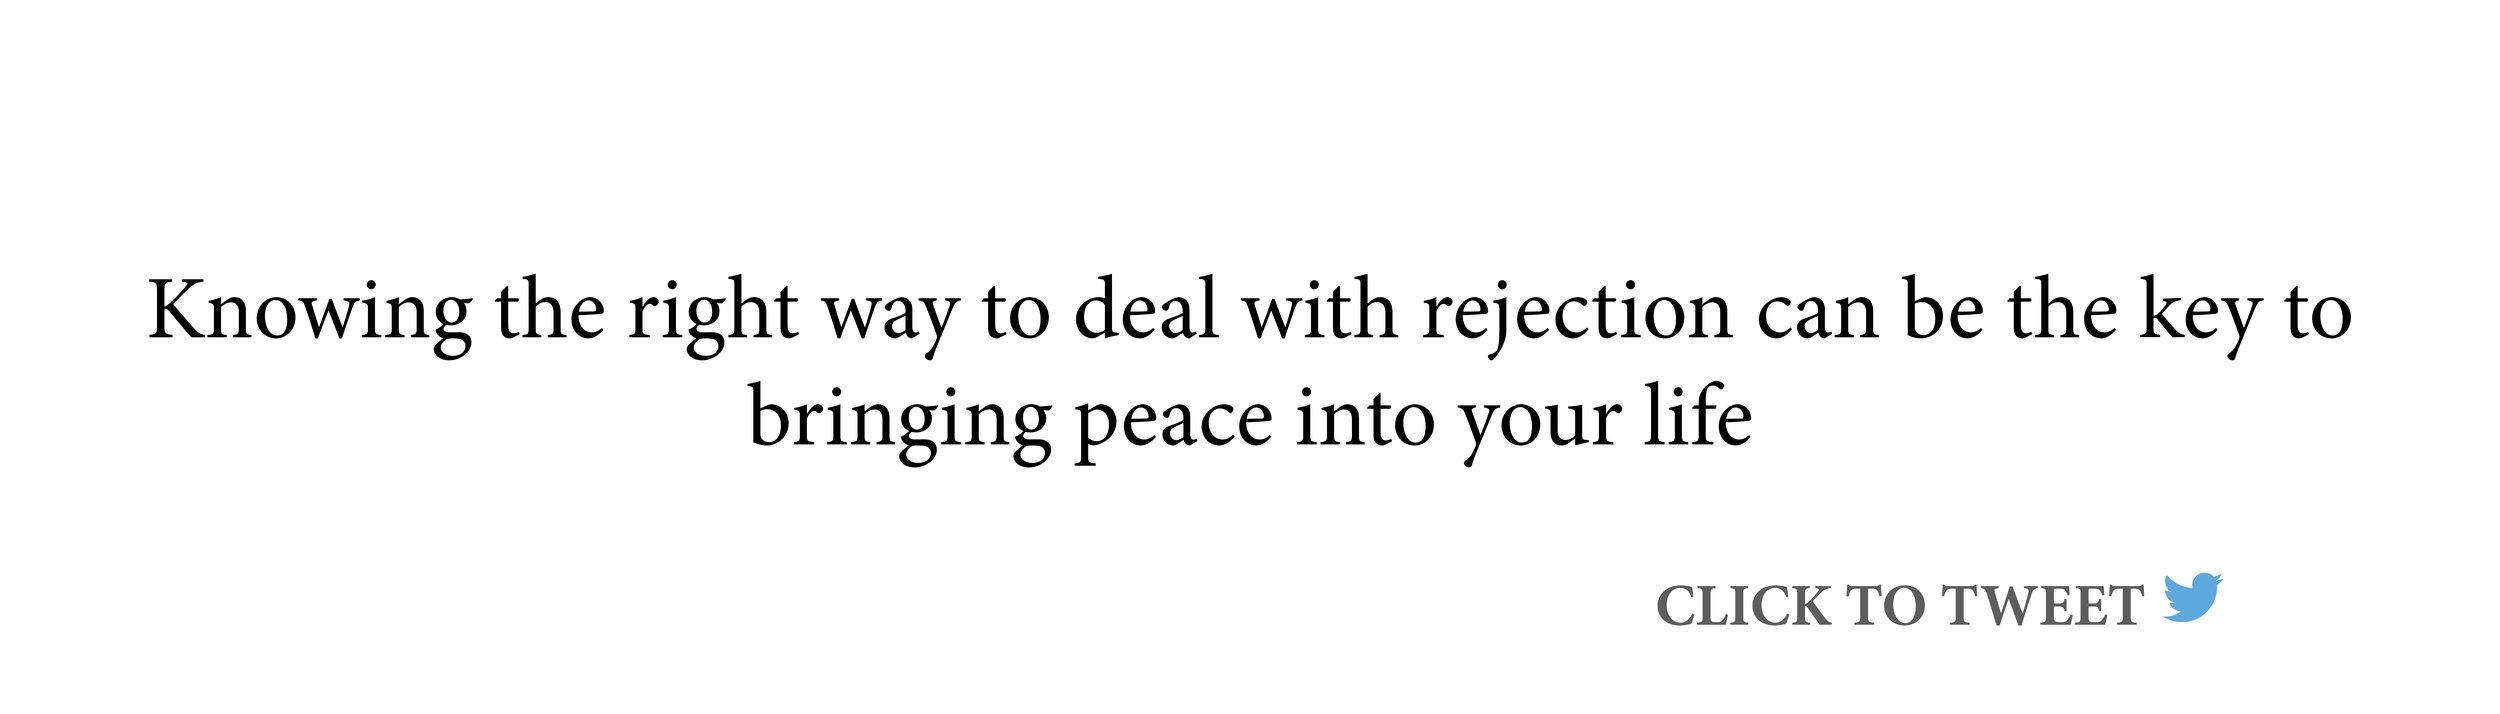 rejectiontweet1.jpg